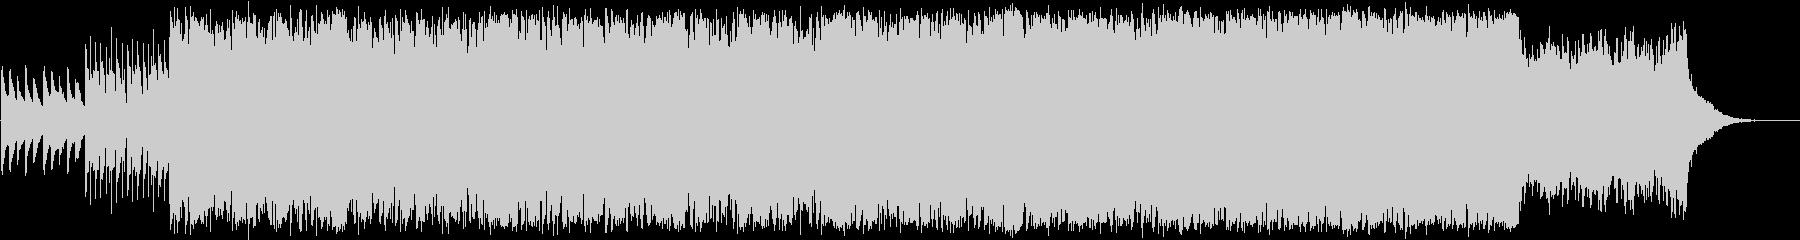 ピアノと歌声が神秘的なミニマルエレクトロの未再生の波形